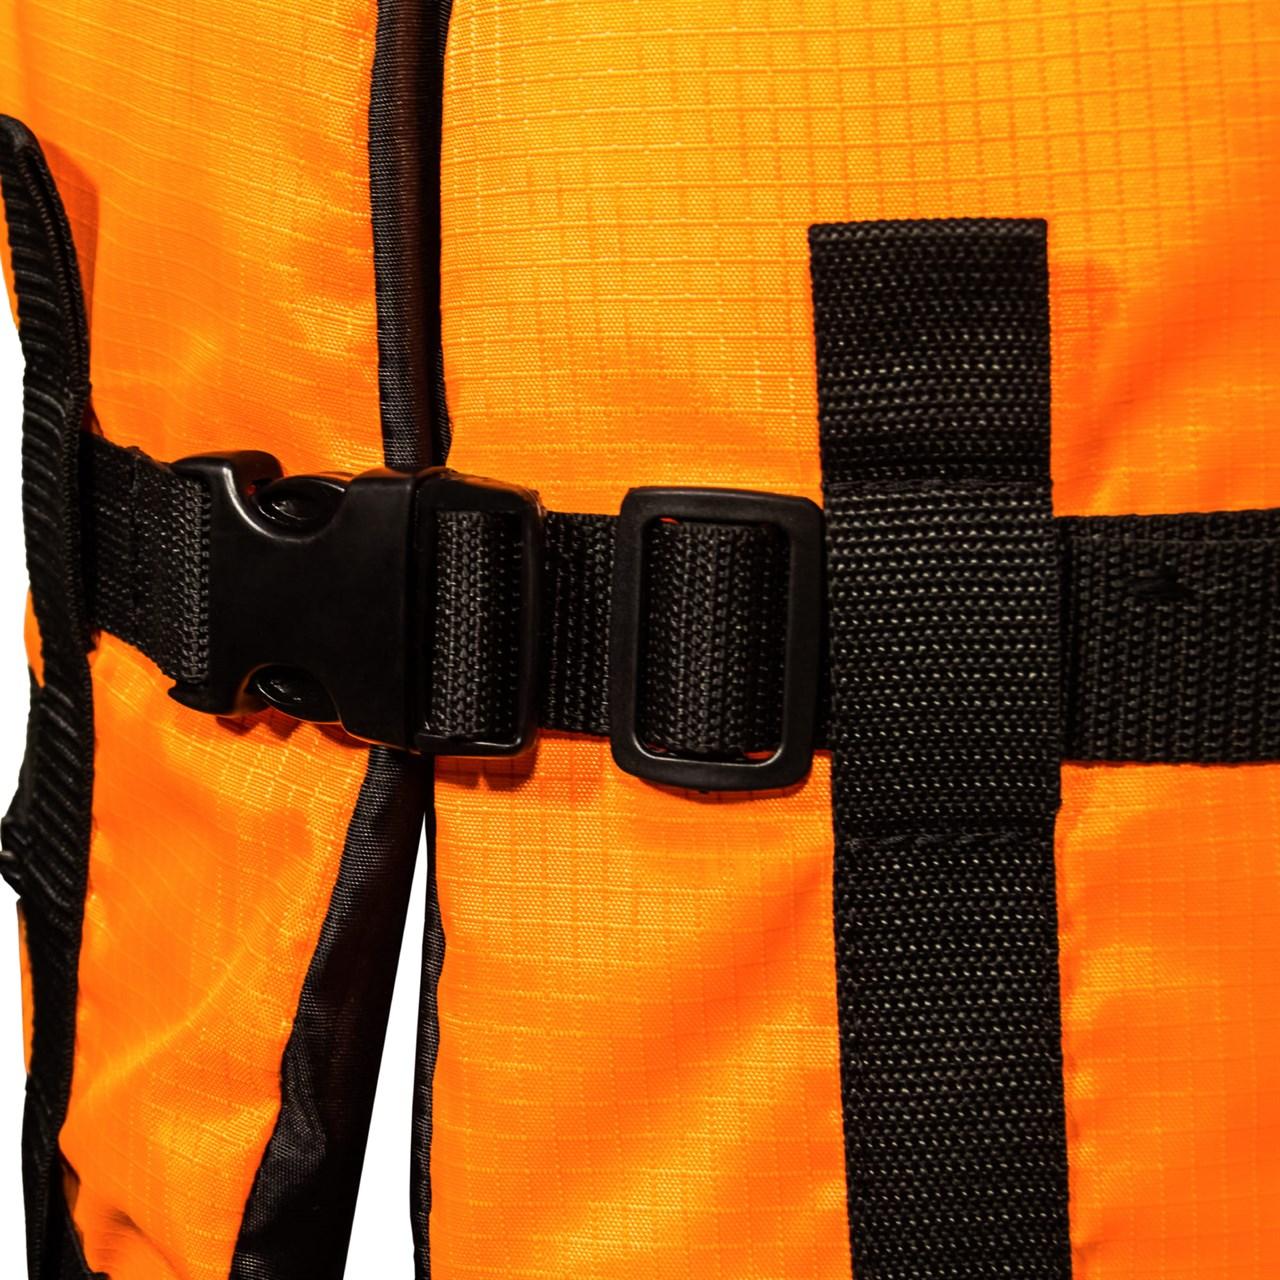 Спасательный жилет Таймень (XXL) оранжевый - фото 15728